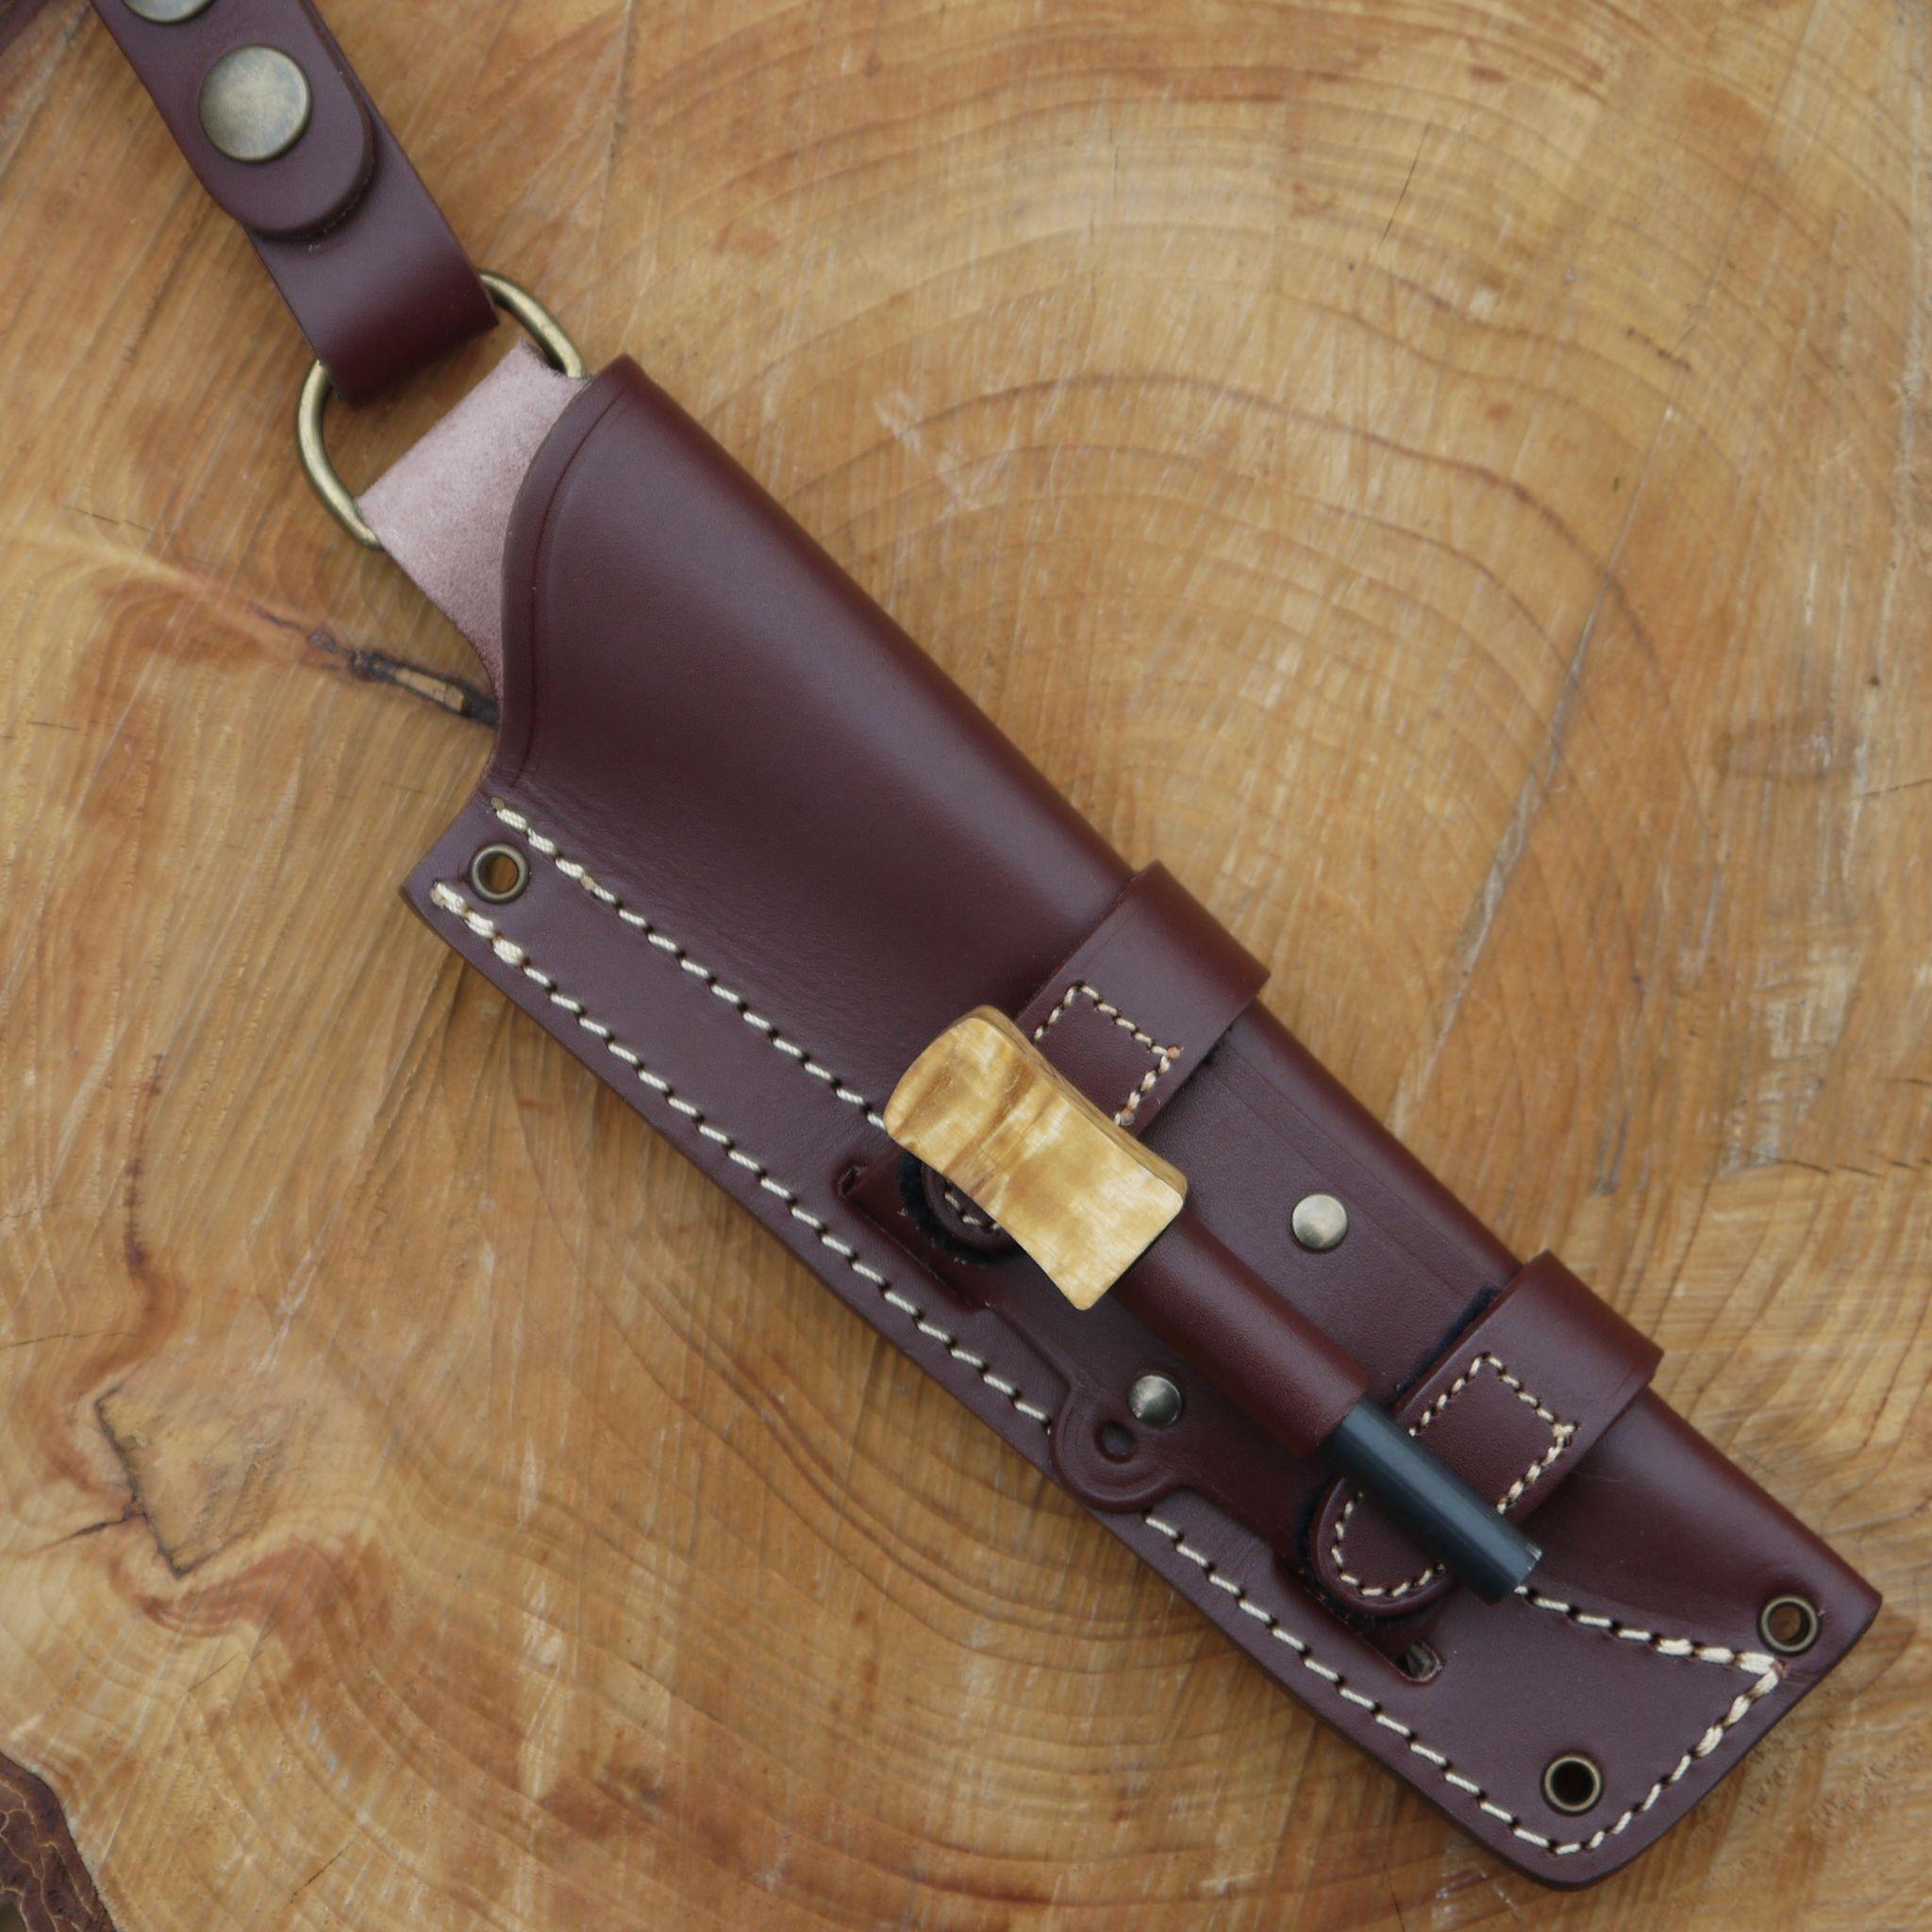 Tbs Boar Bushcraft Knife Kit Make Your Own Boar Kit 4